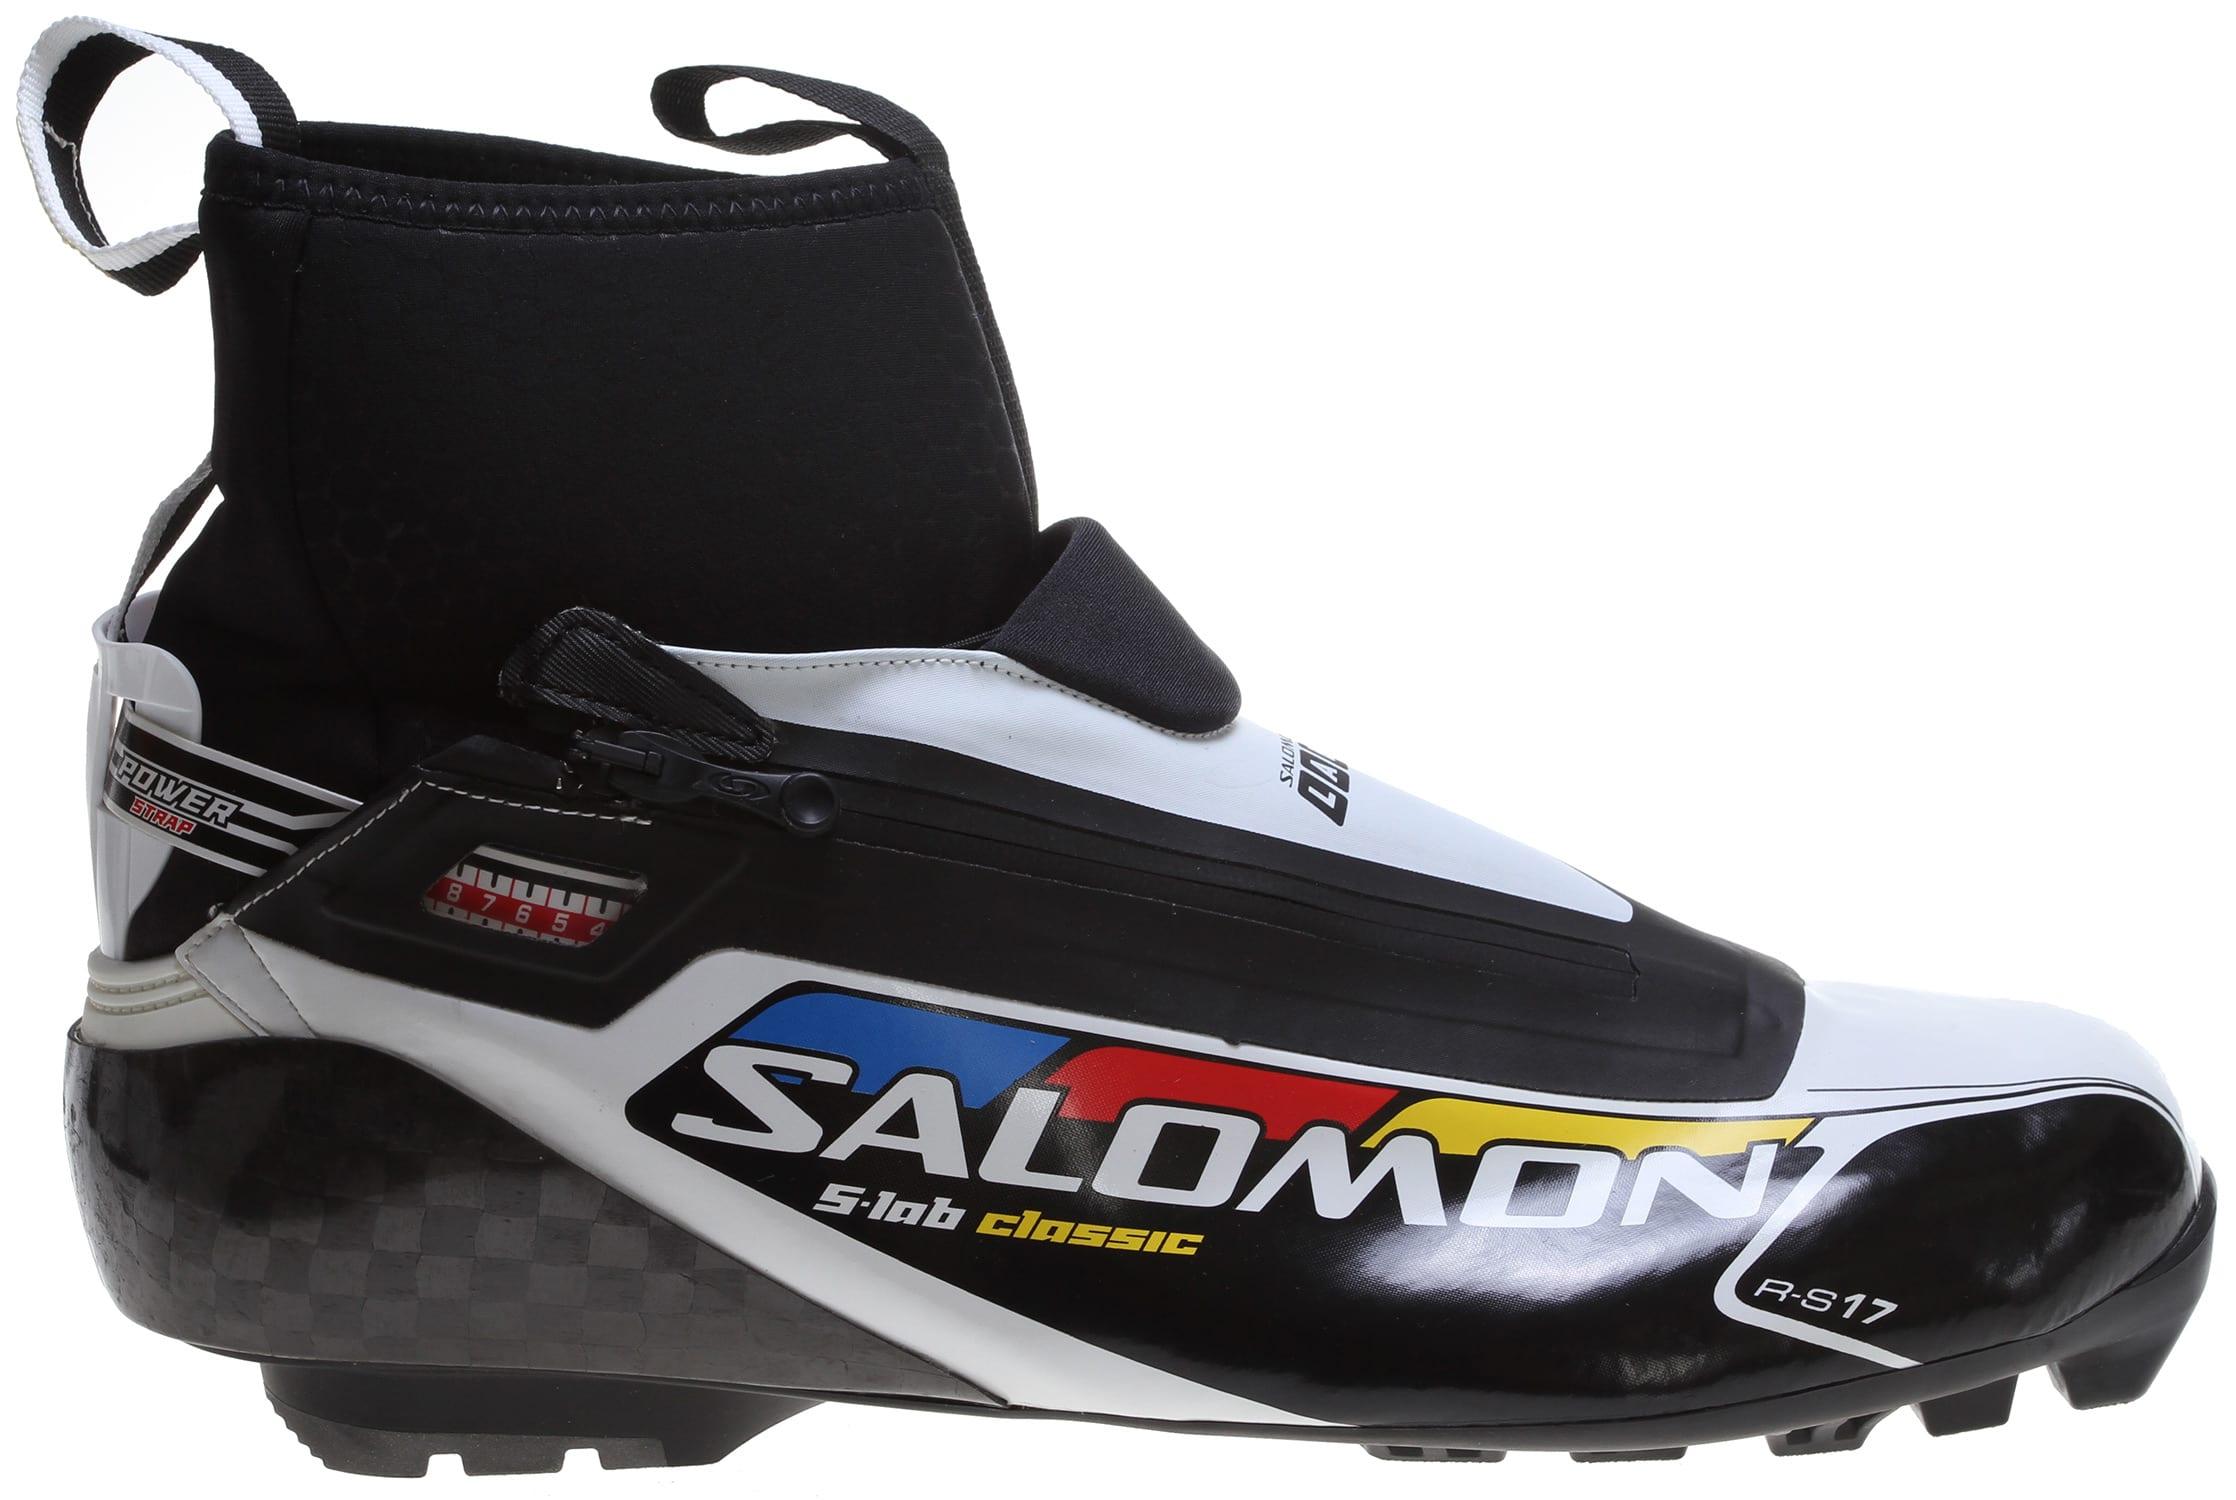 Salomon s-lab classic